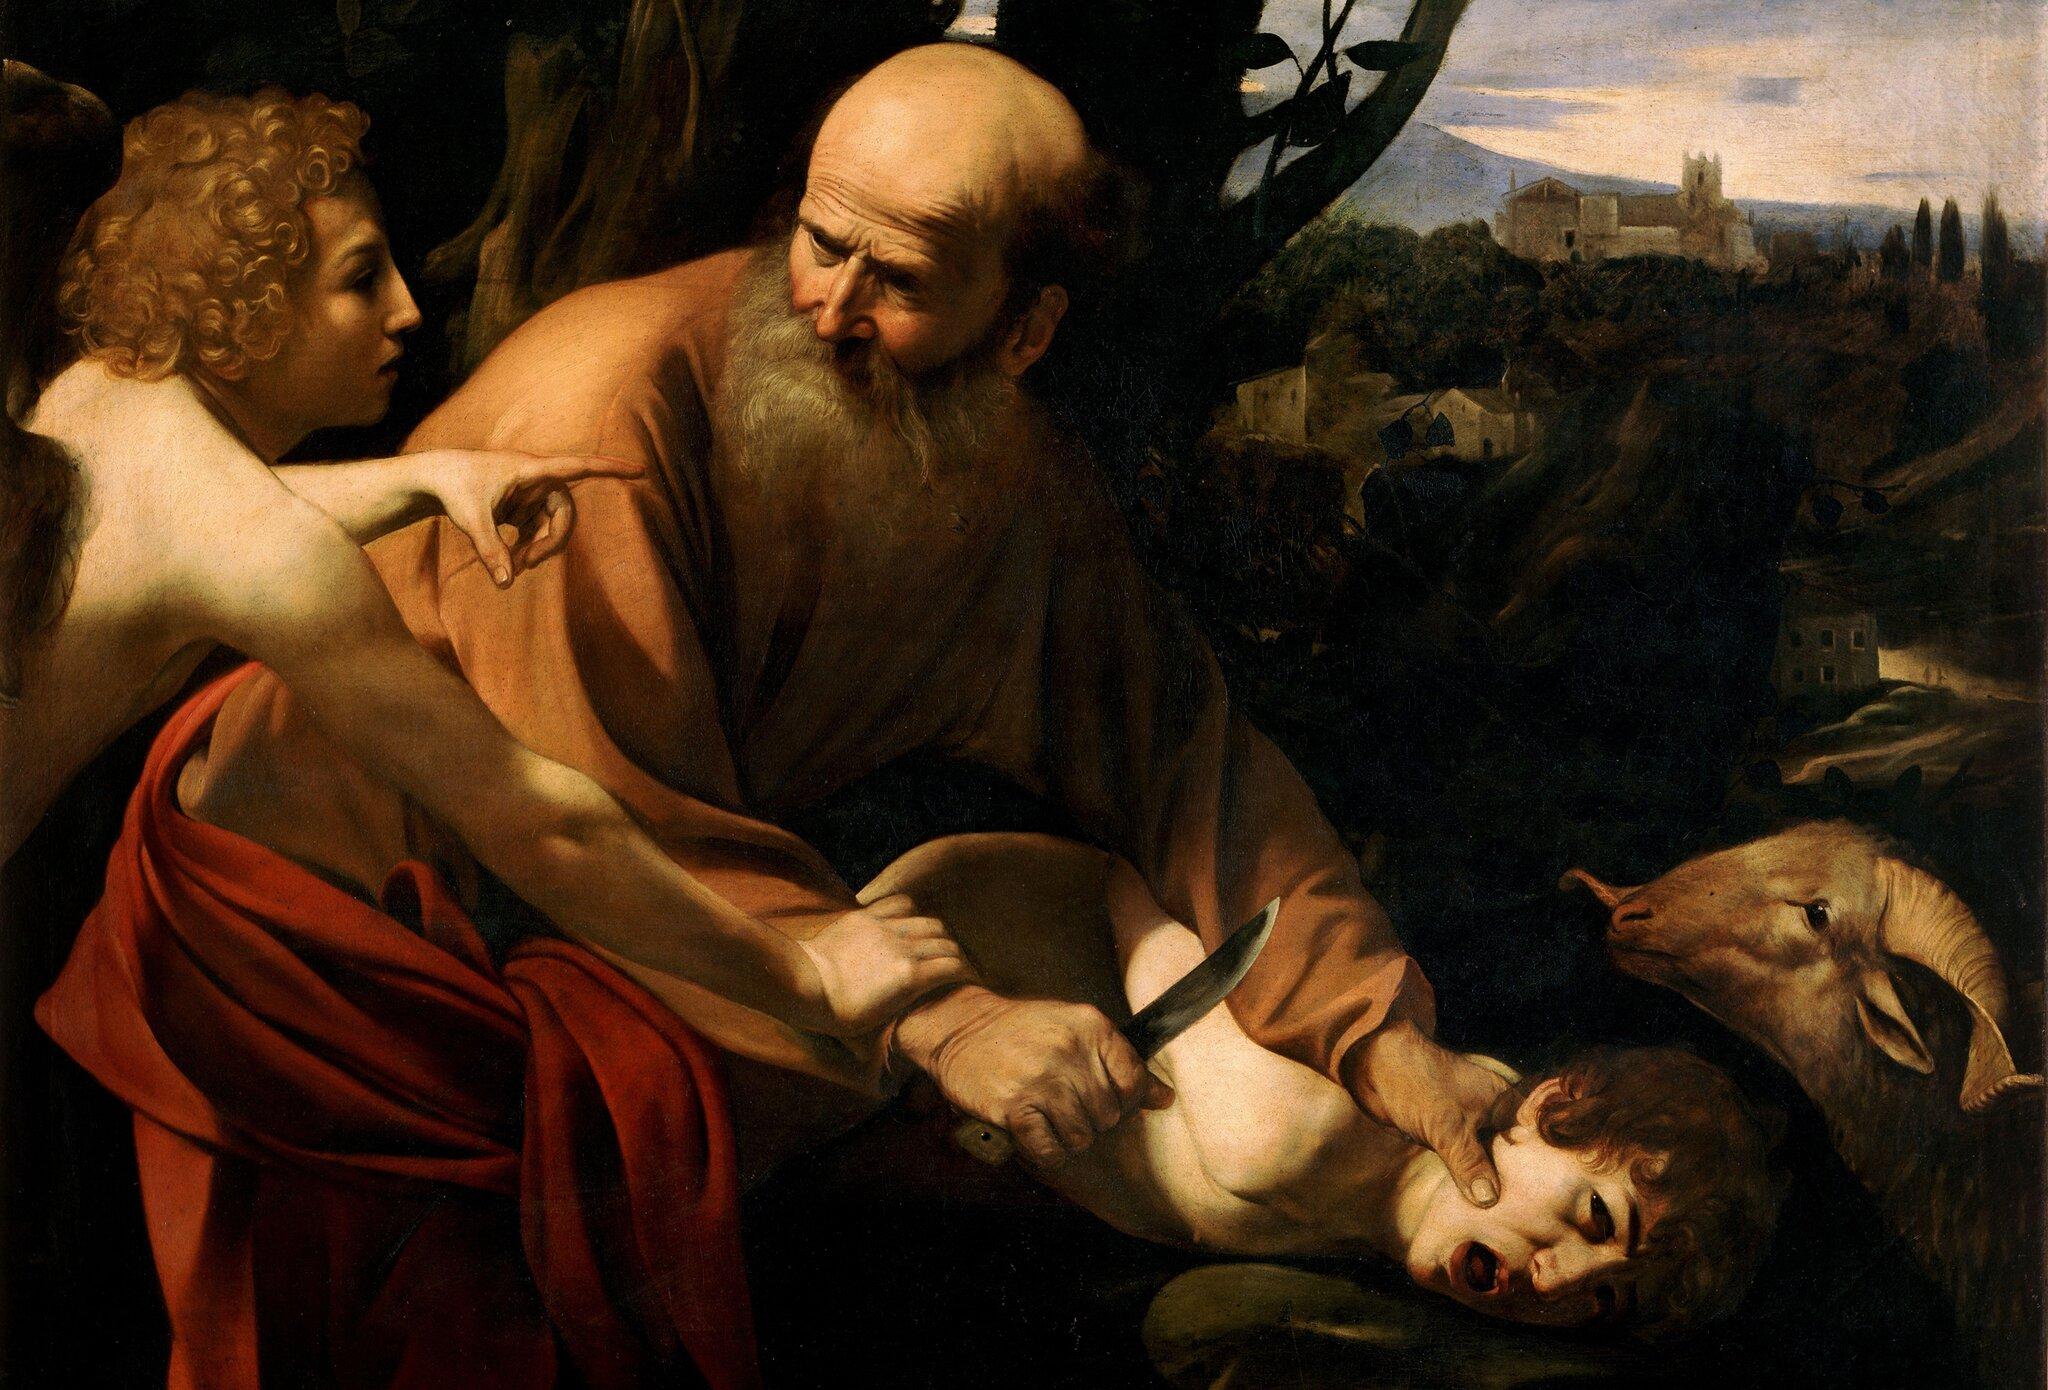 Ofiarowanie Izaaka Źródło: Caravaggio, Ofiarowanie Izaaka, ok. 1603, olej na płótnie, Uffizi, Florencja, domena publiczna.